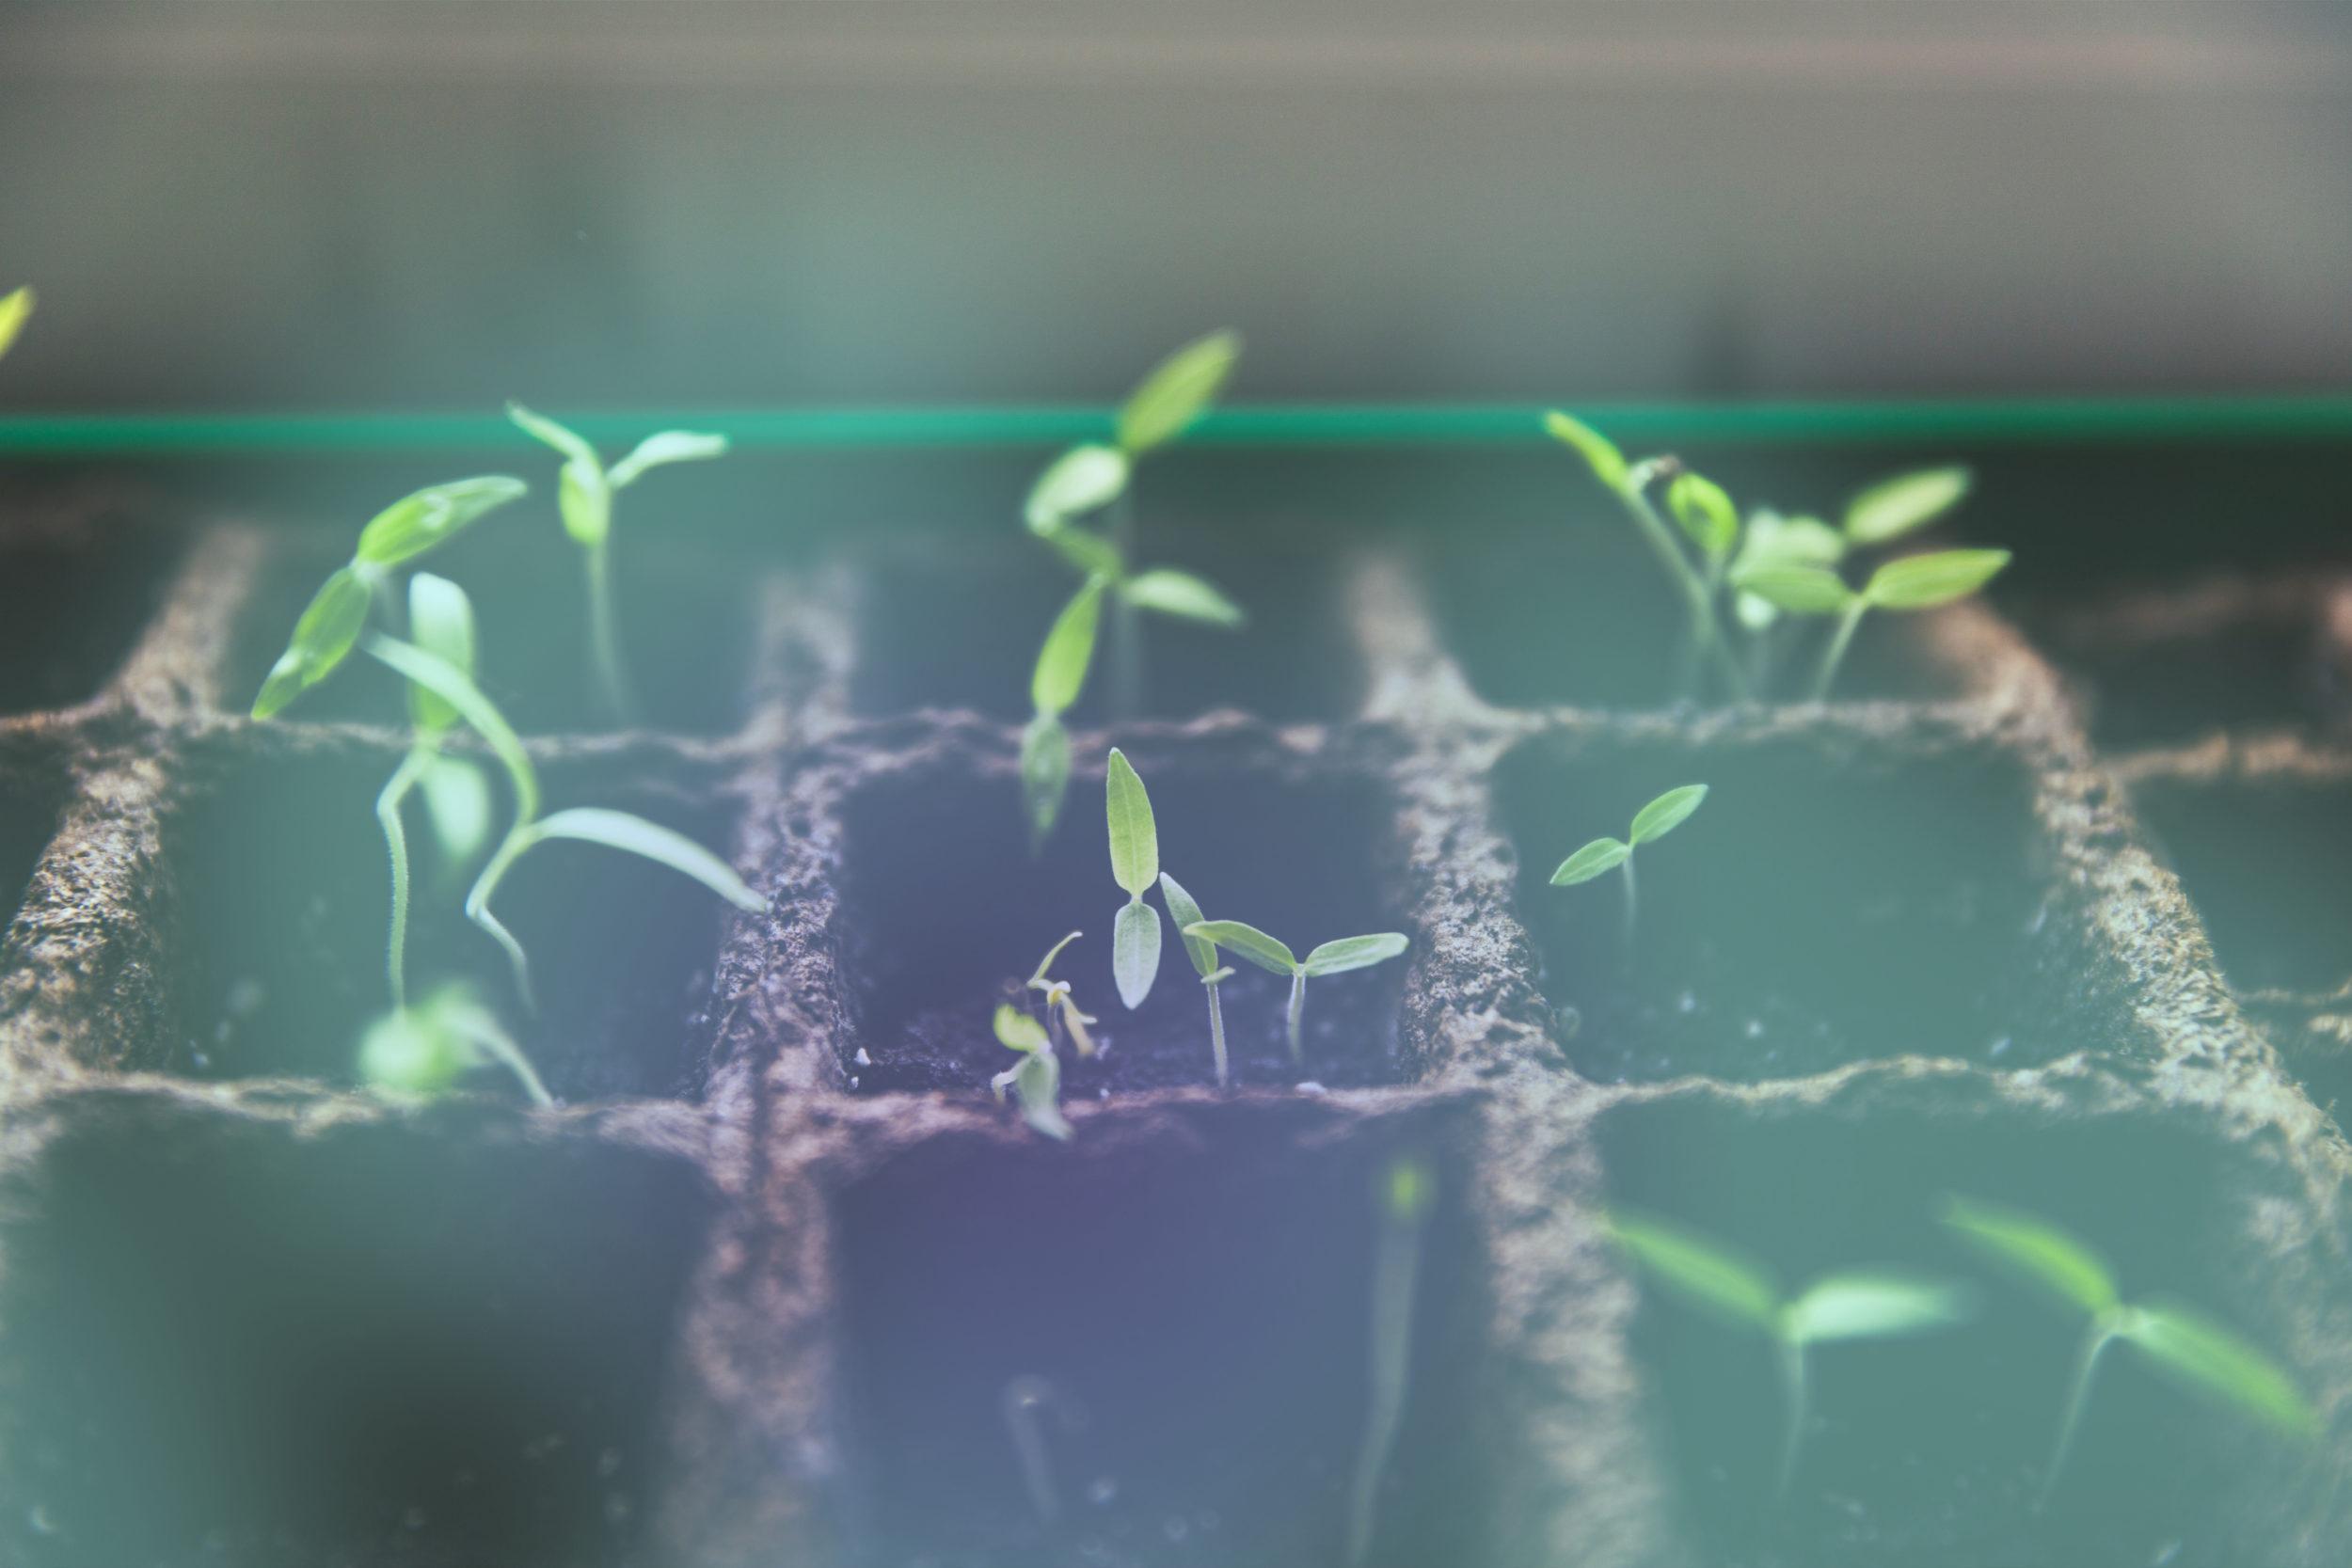 Wachstum kleiner Pflanzen